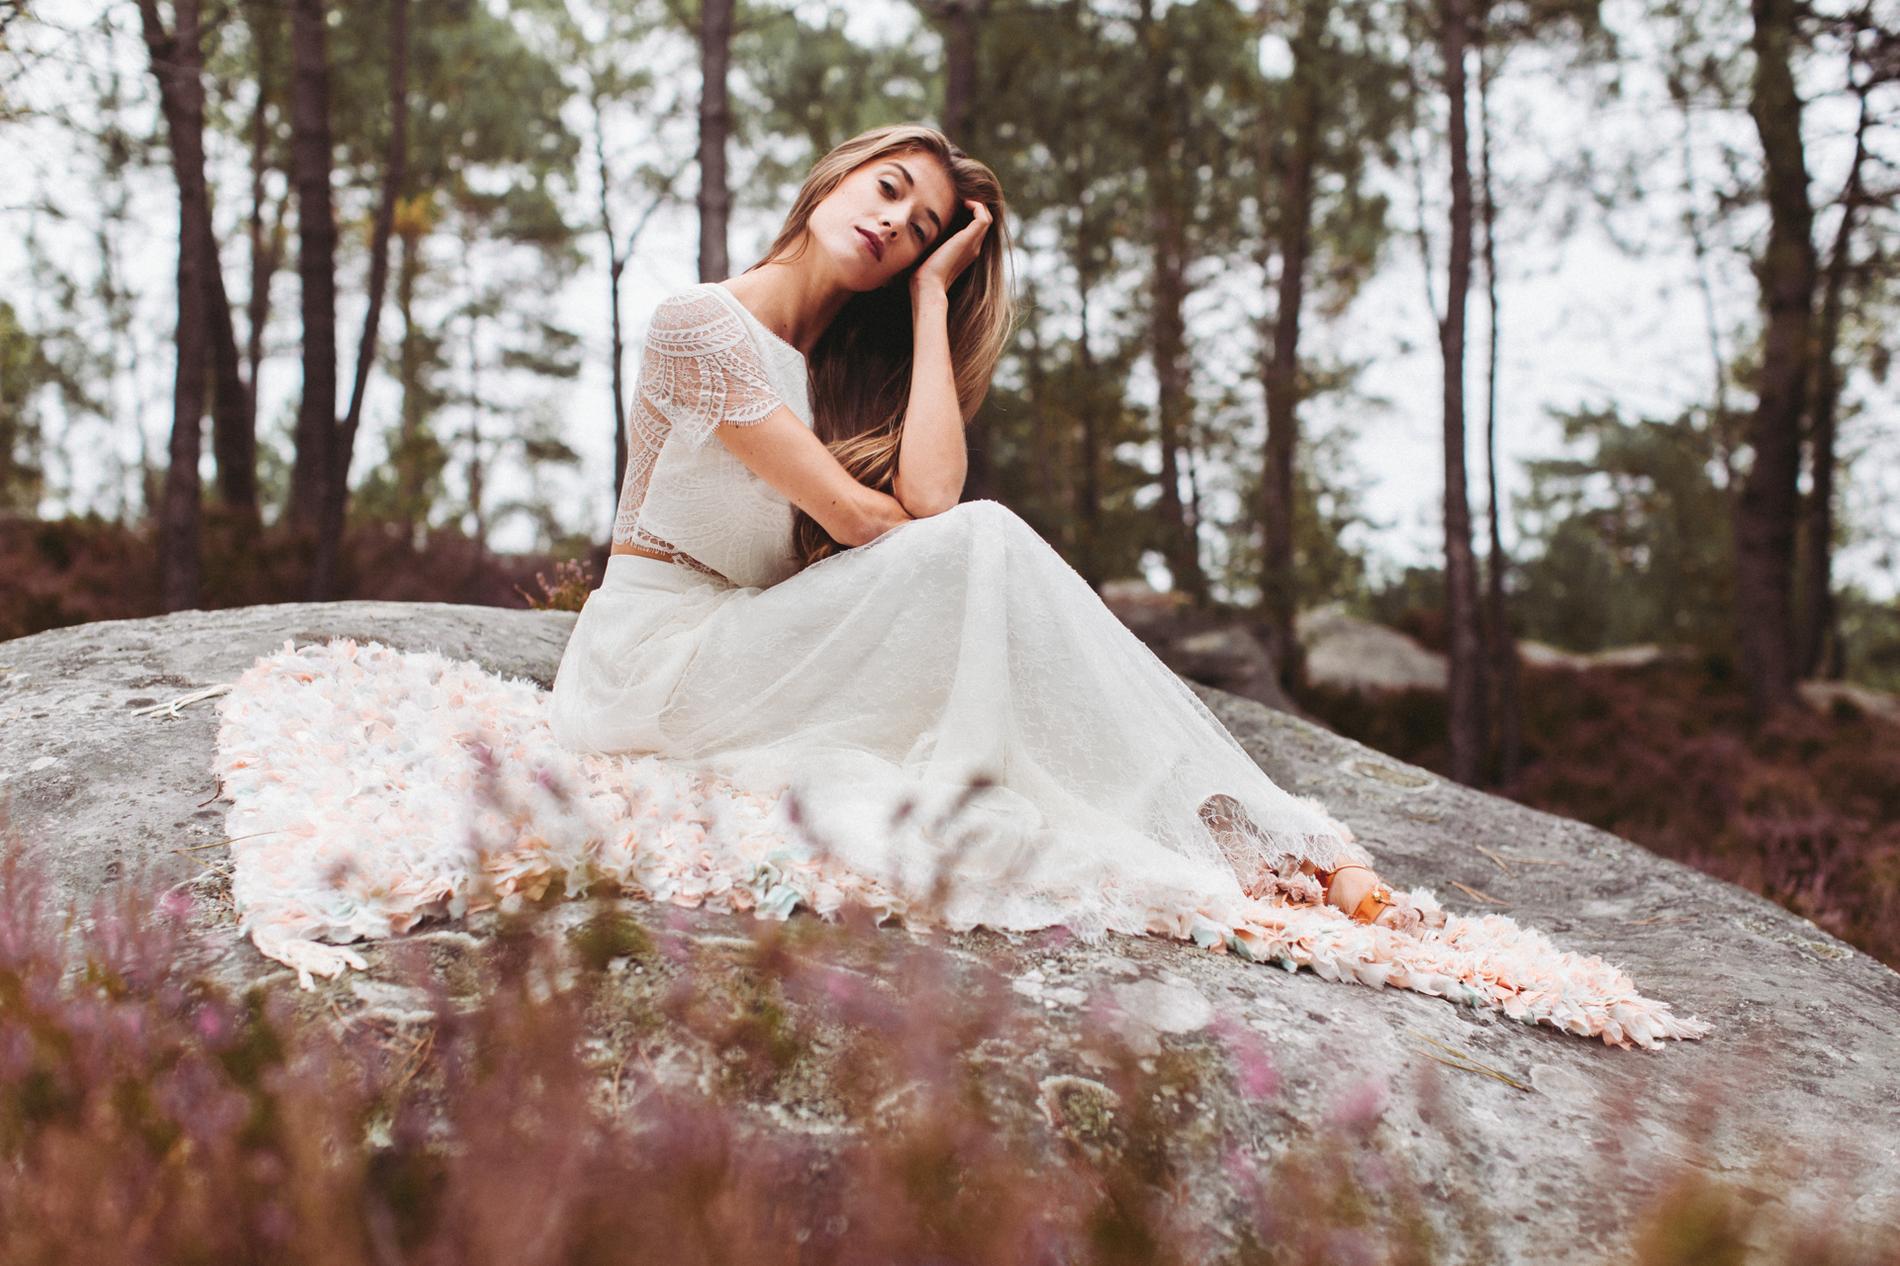 Les collections de robes de mariée 2017  Le top Milo et la jupe Anica de Lorafolk